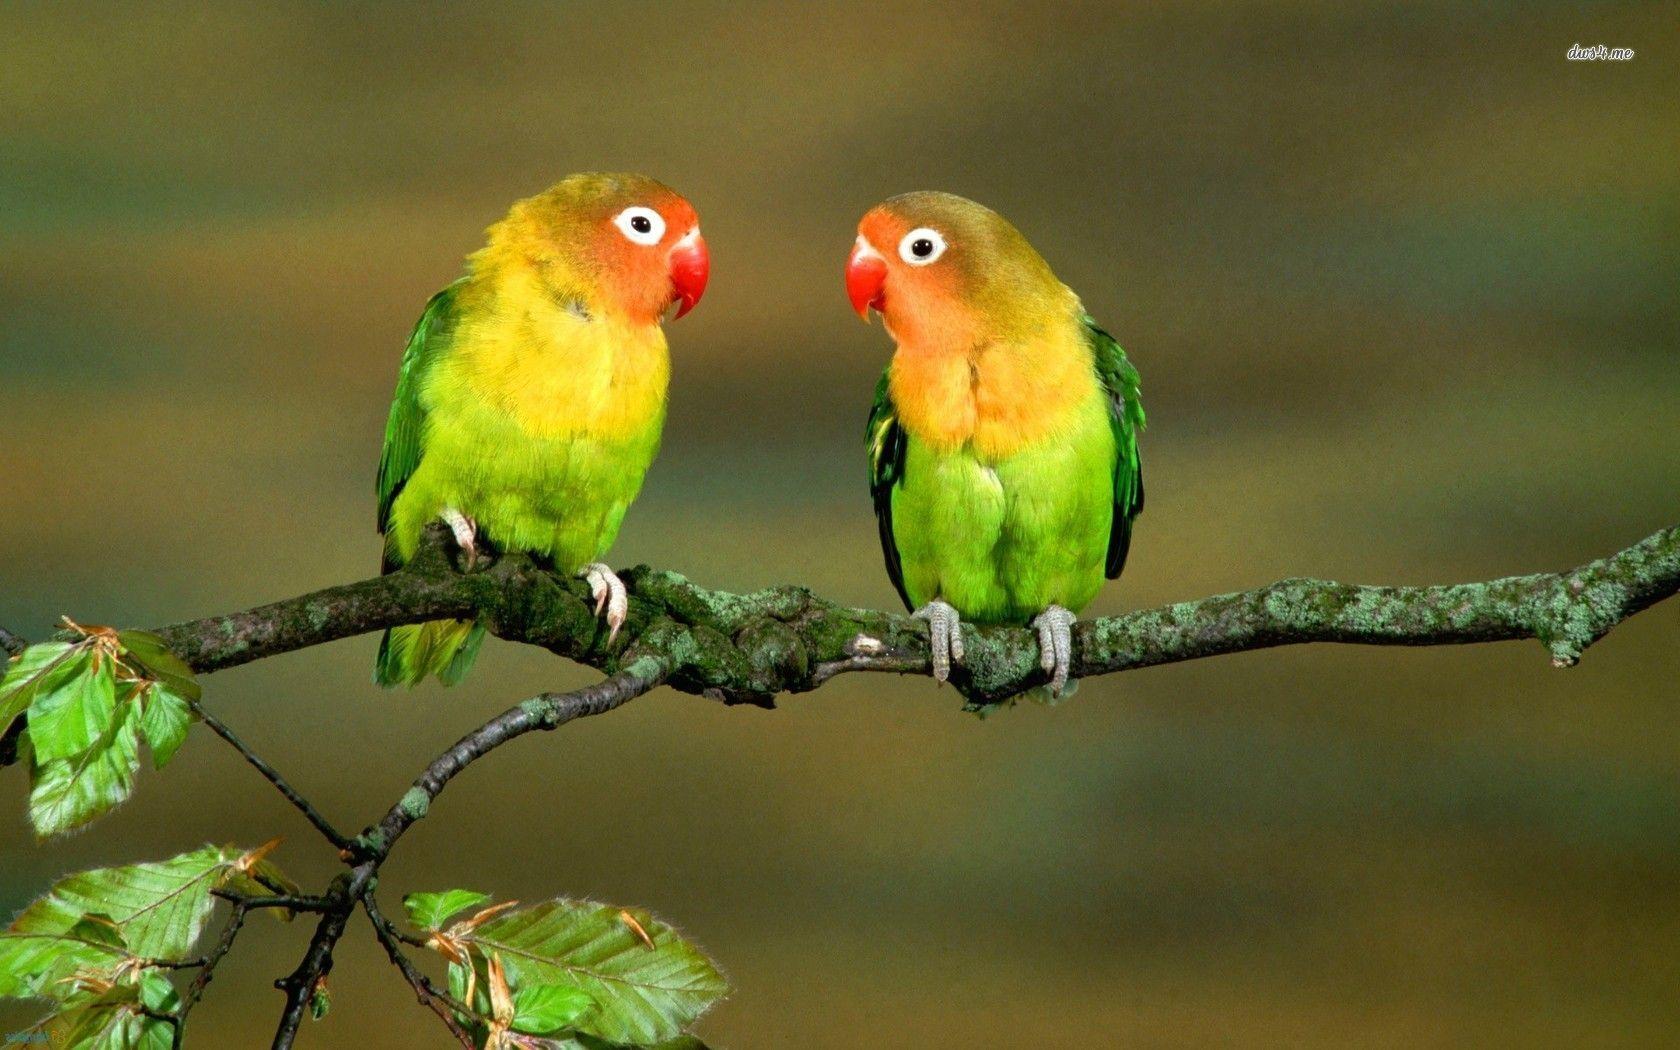 Love Birds Wallpaper Full HD